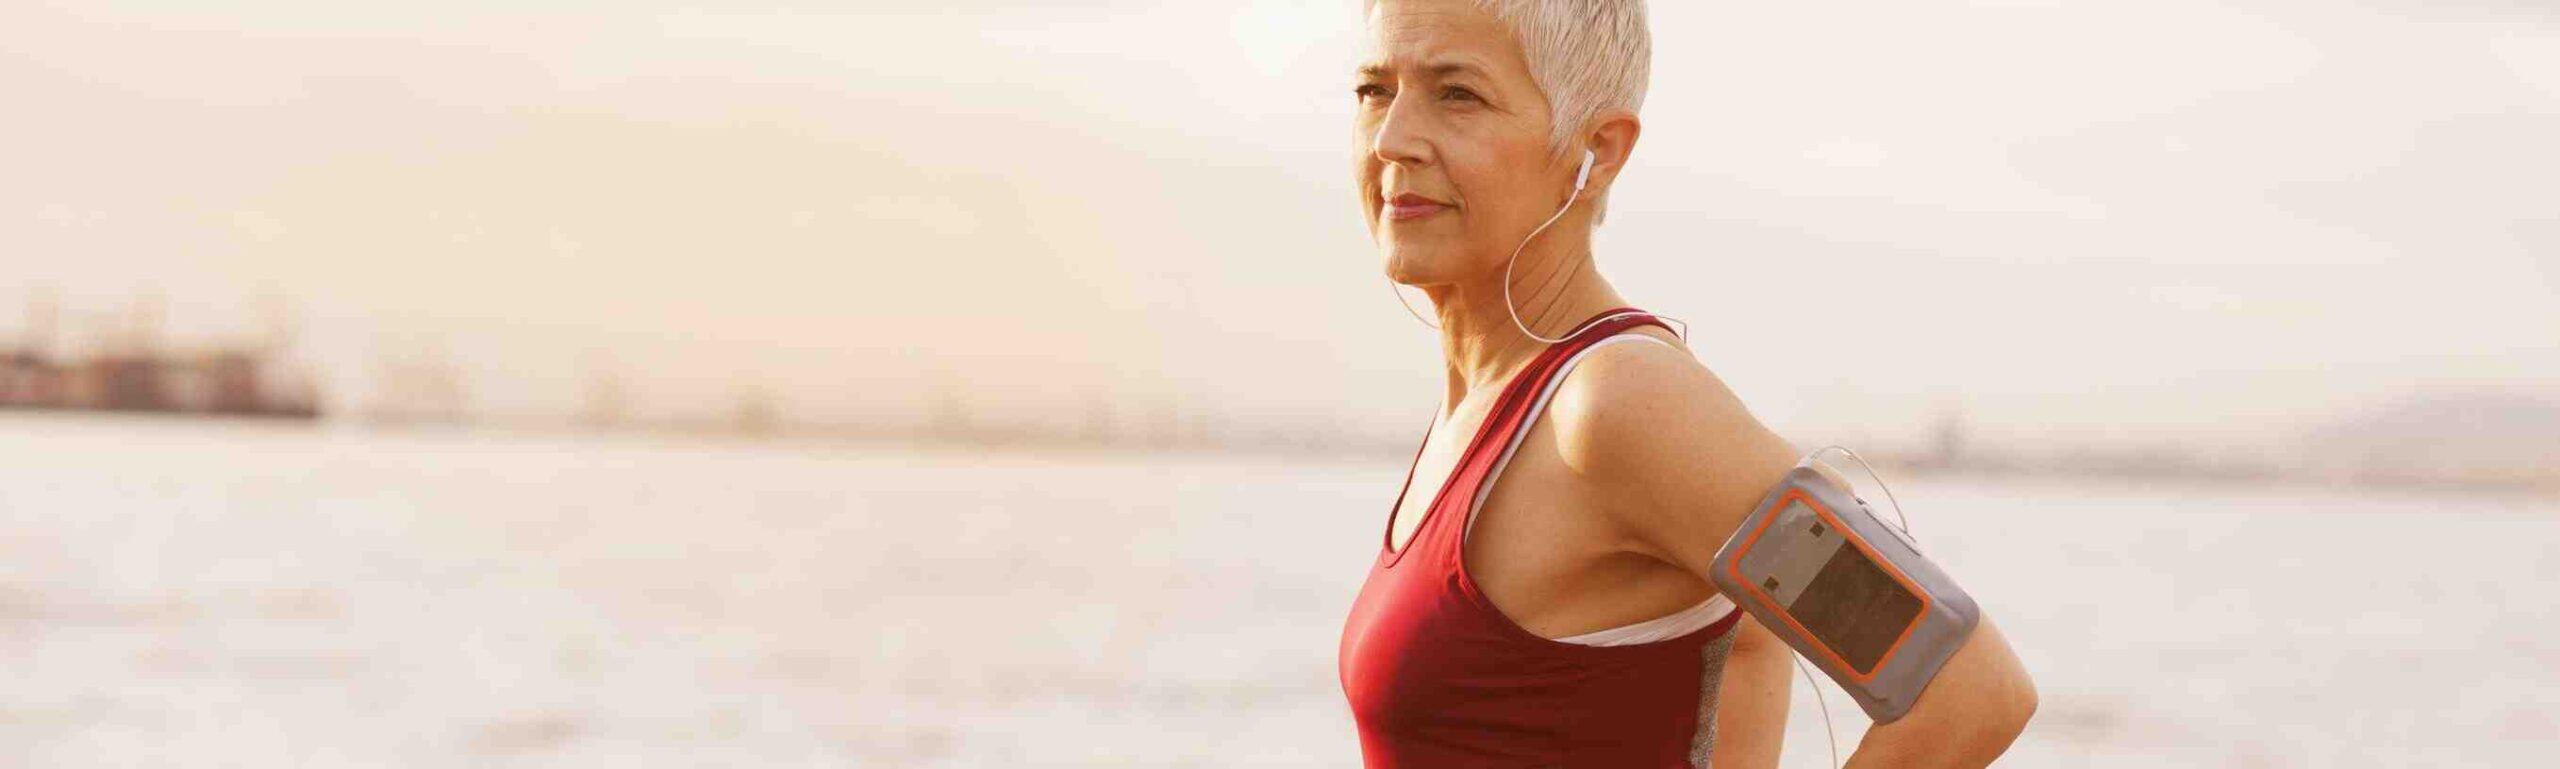 Comment retrouver la forme à 50 ans ?